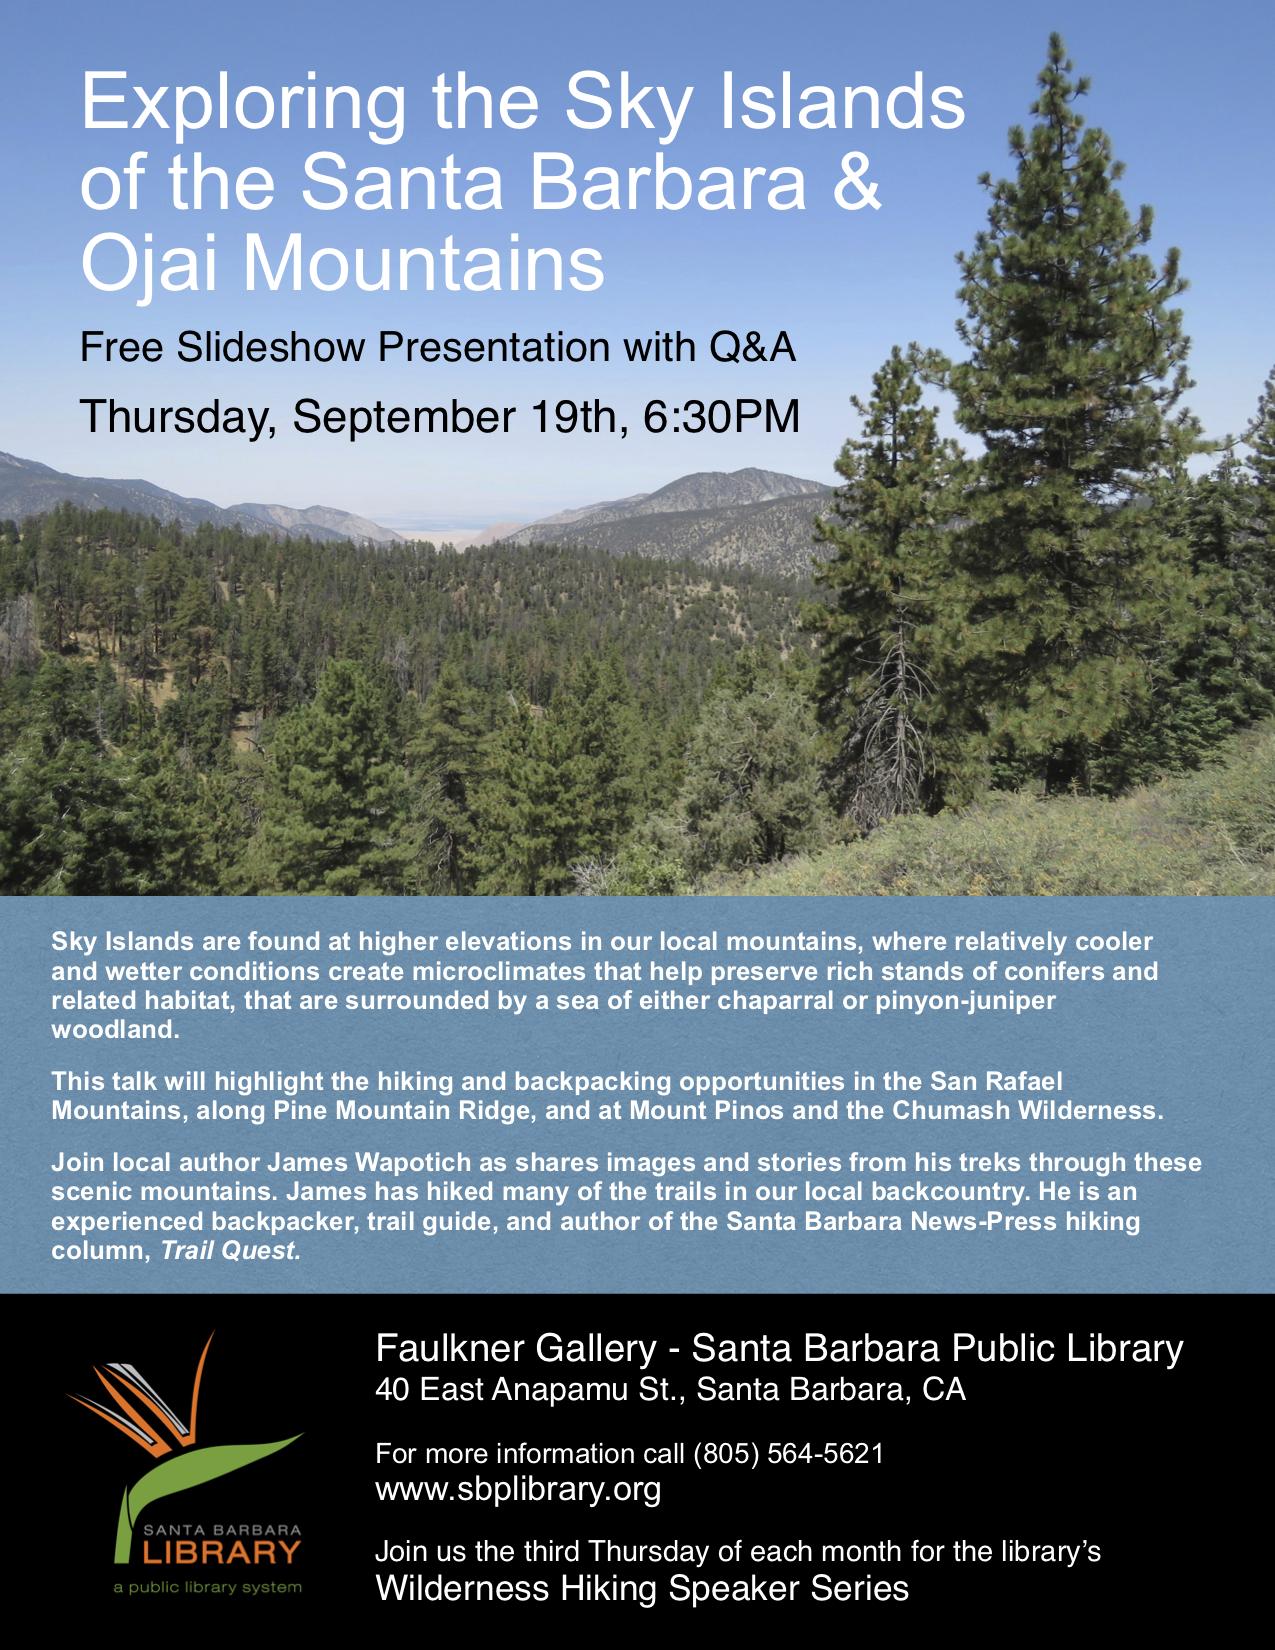 Sky Islands Los Padres National Forest San Rafael Mountains Big Pine Pine Mountain Ridge Reyes Peak Mount Pinos conifers